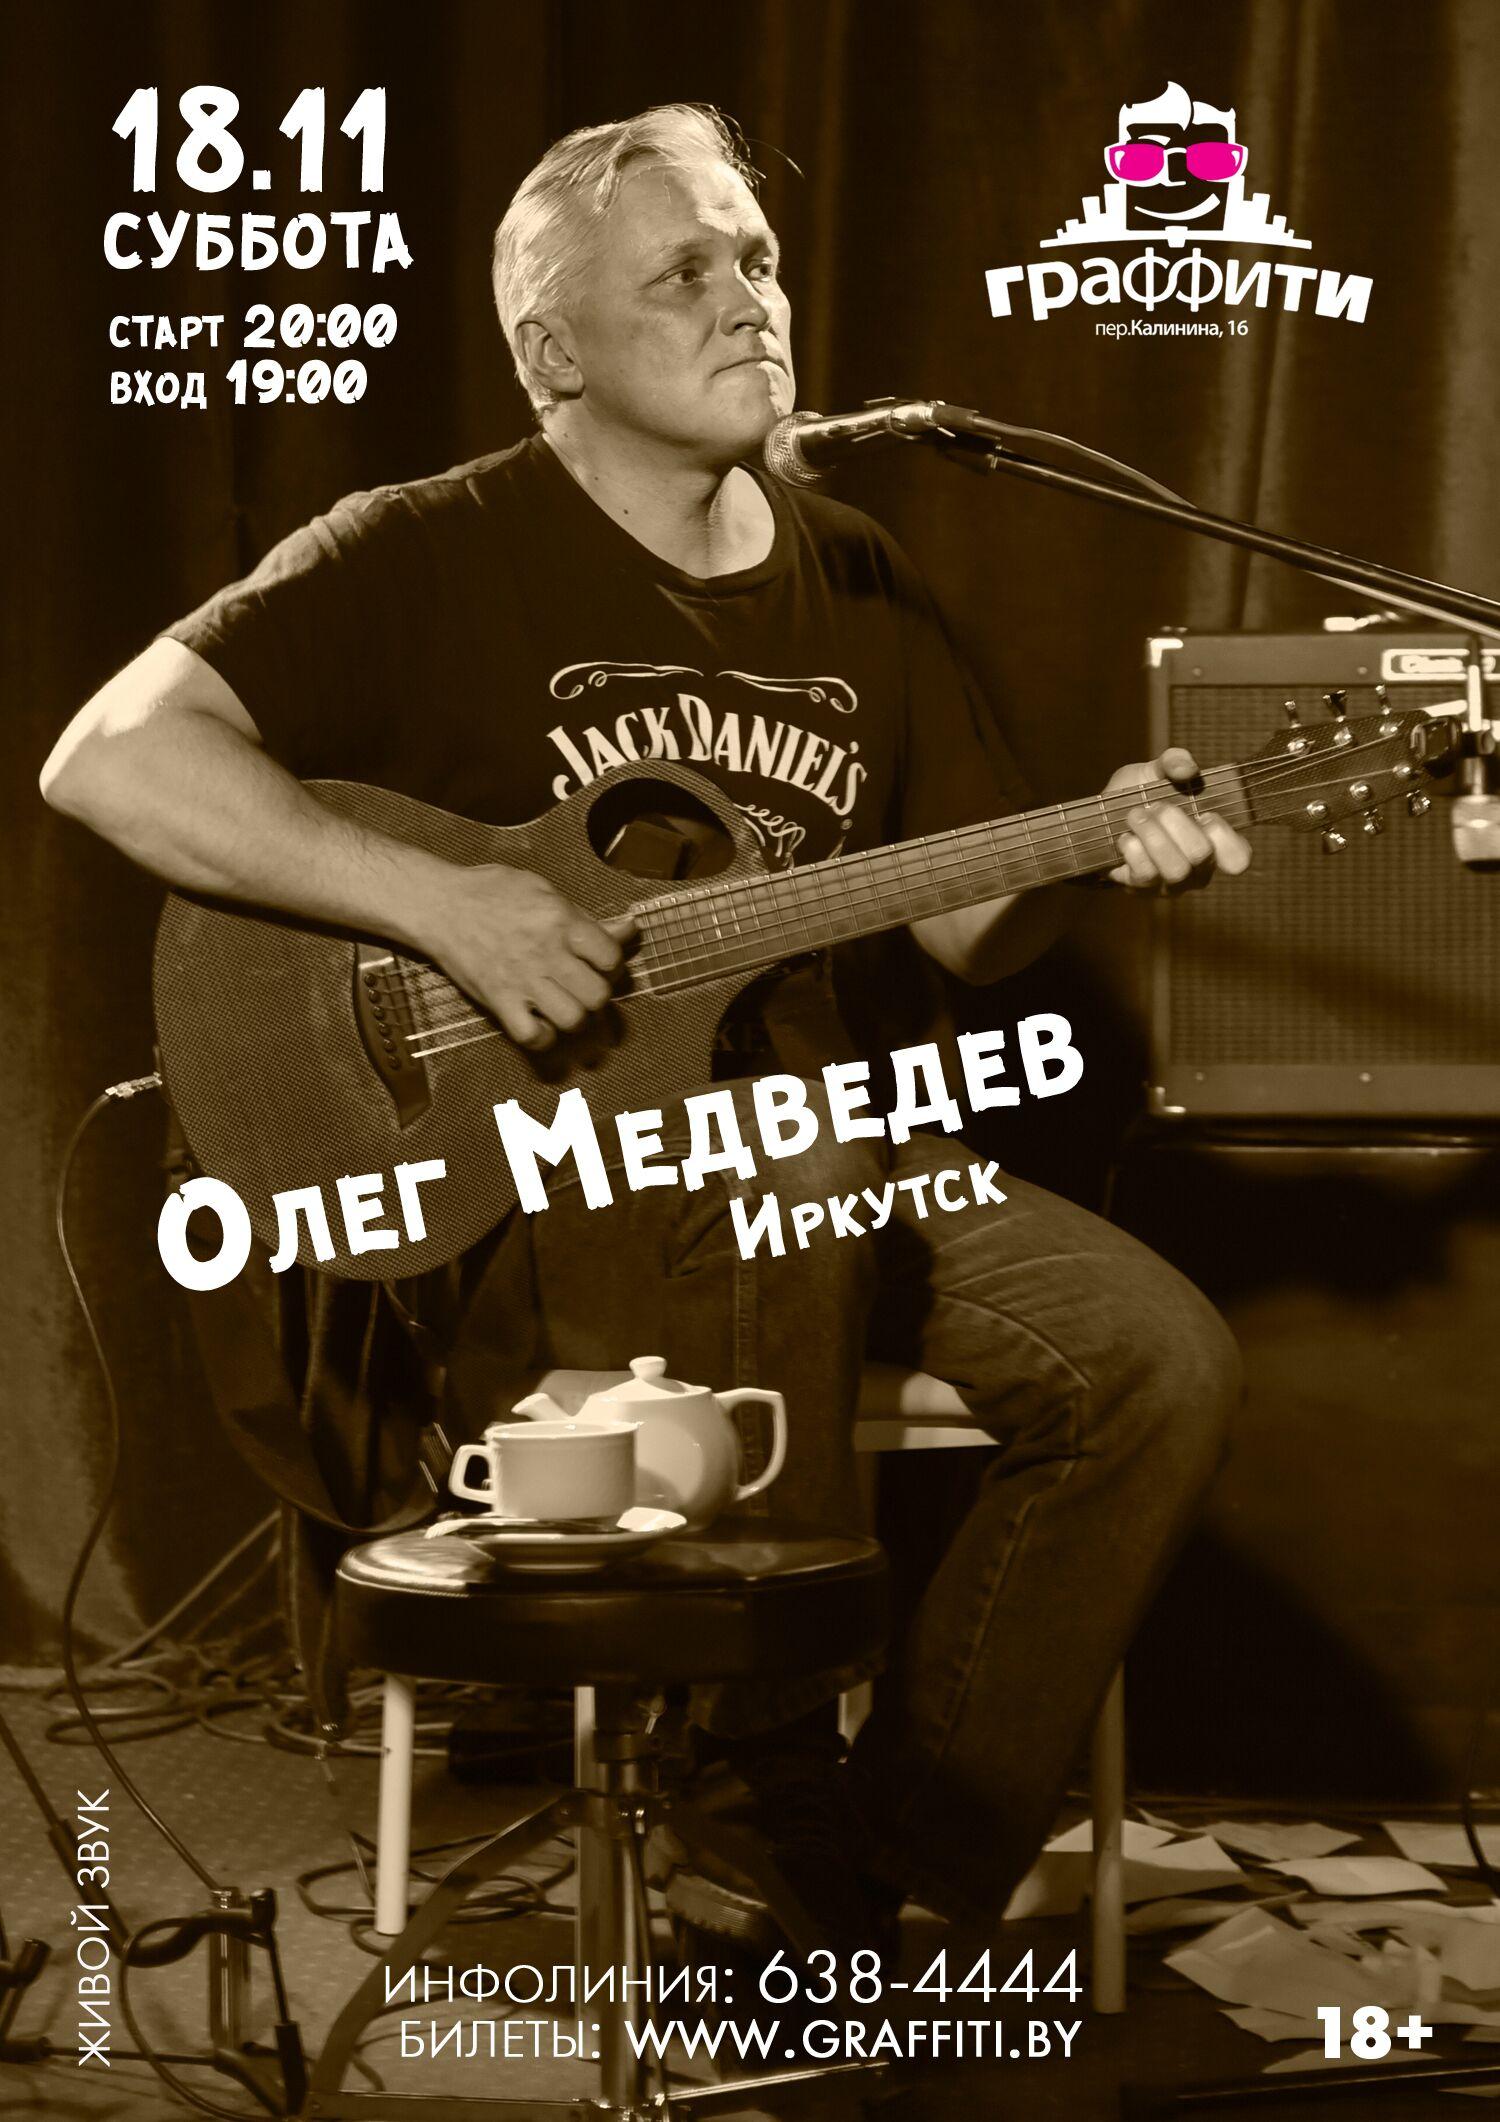 Олег Медведев, Минск, ноябрь 2017